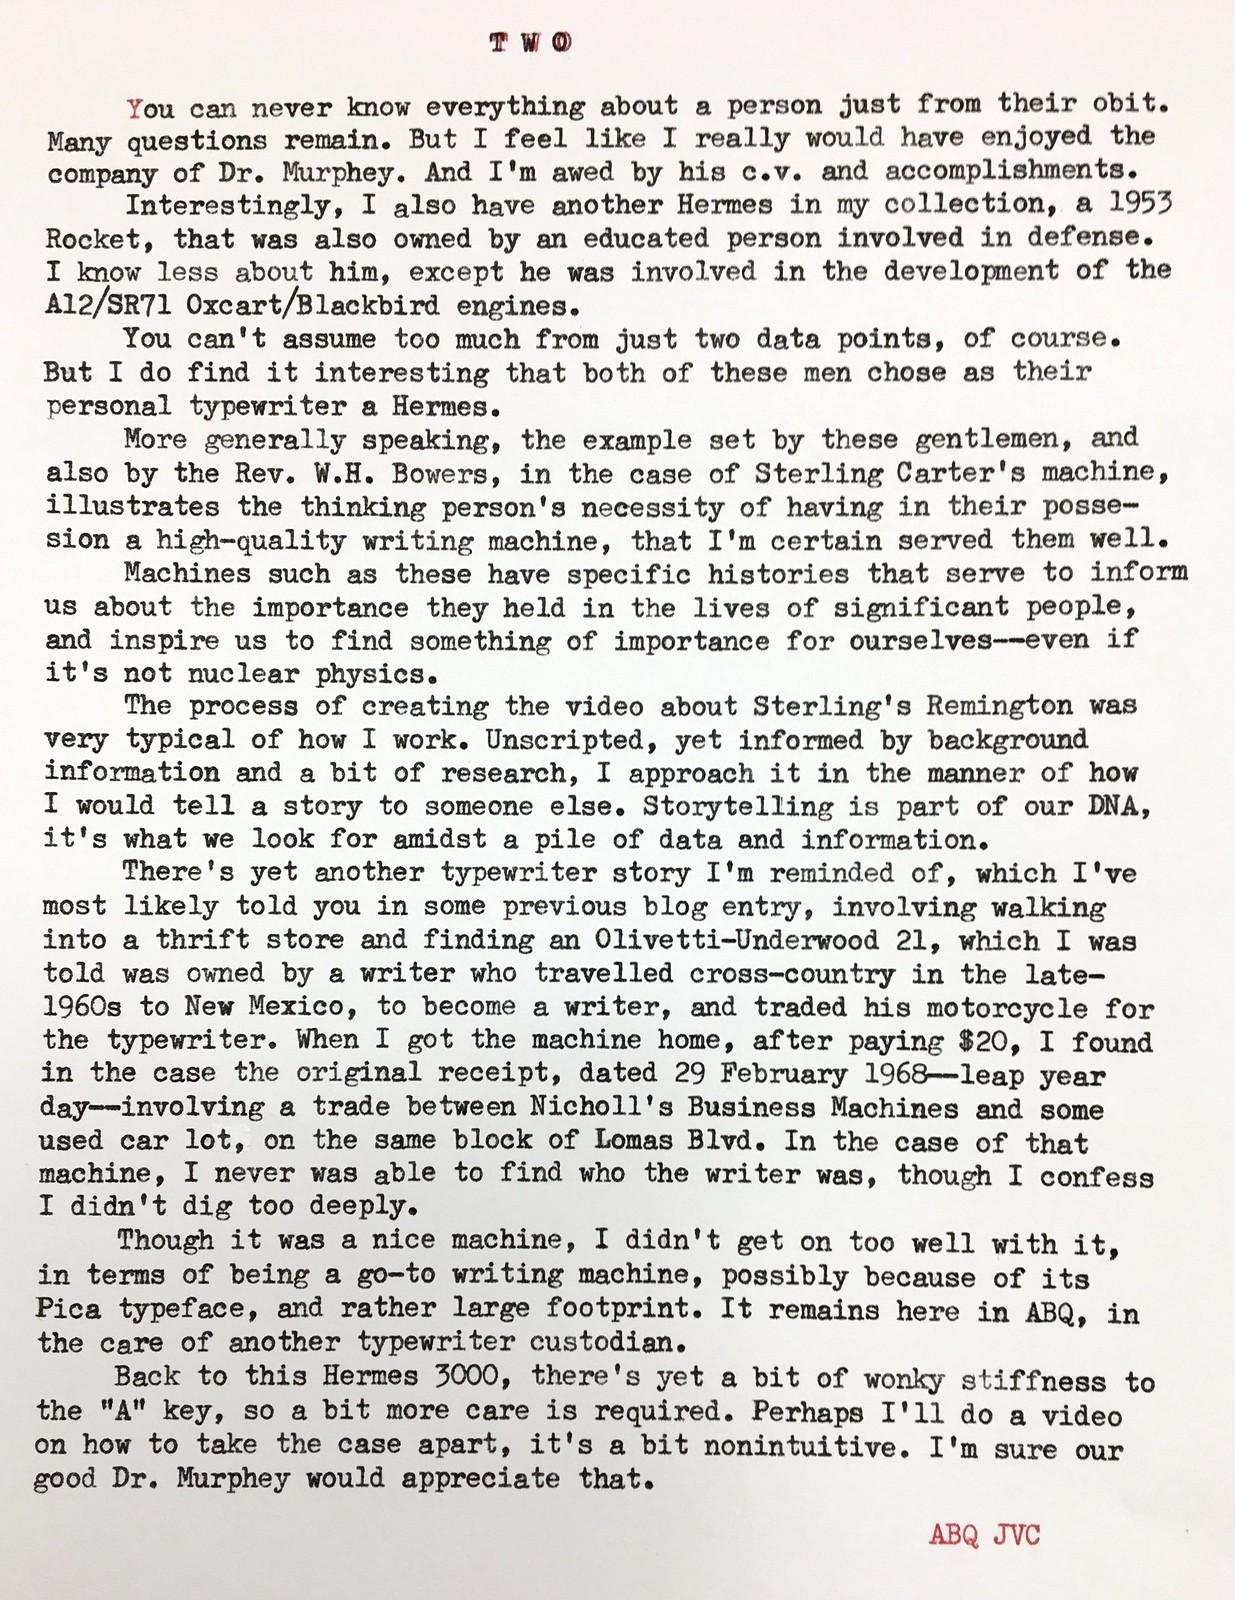 Typewriter History, Page 2